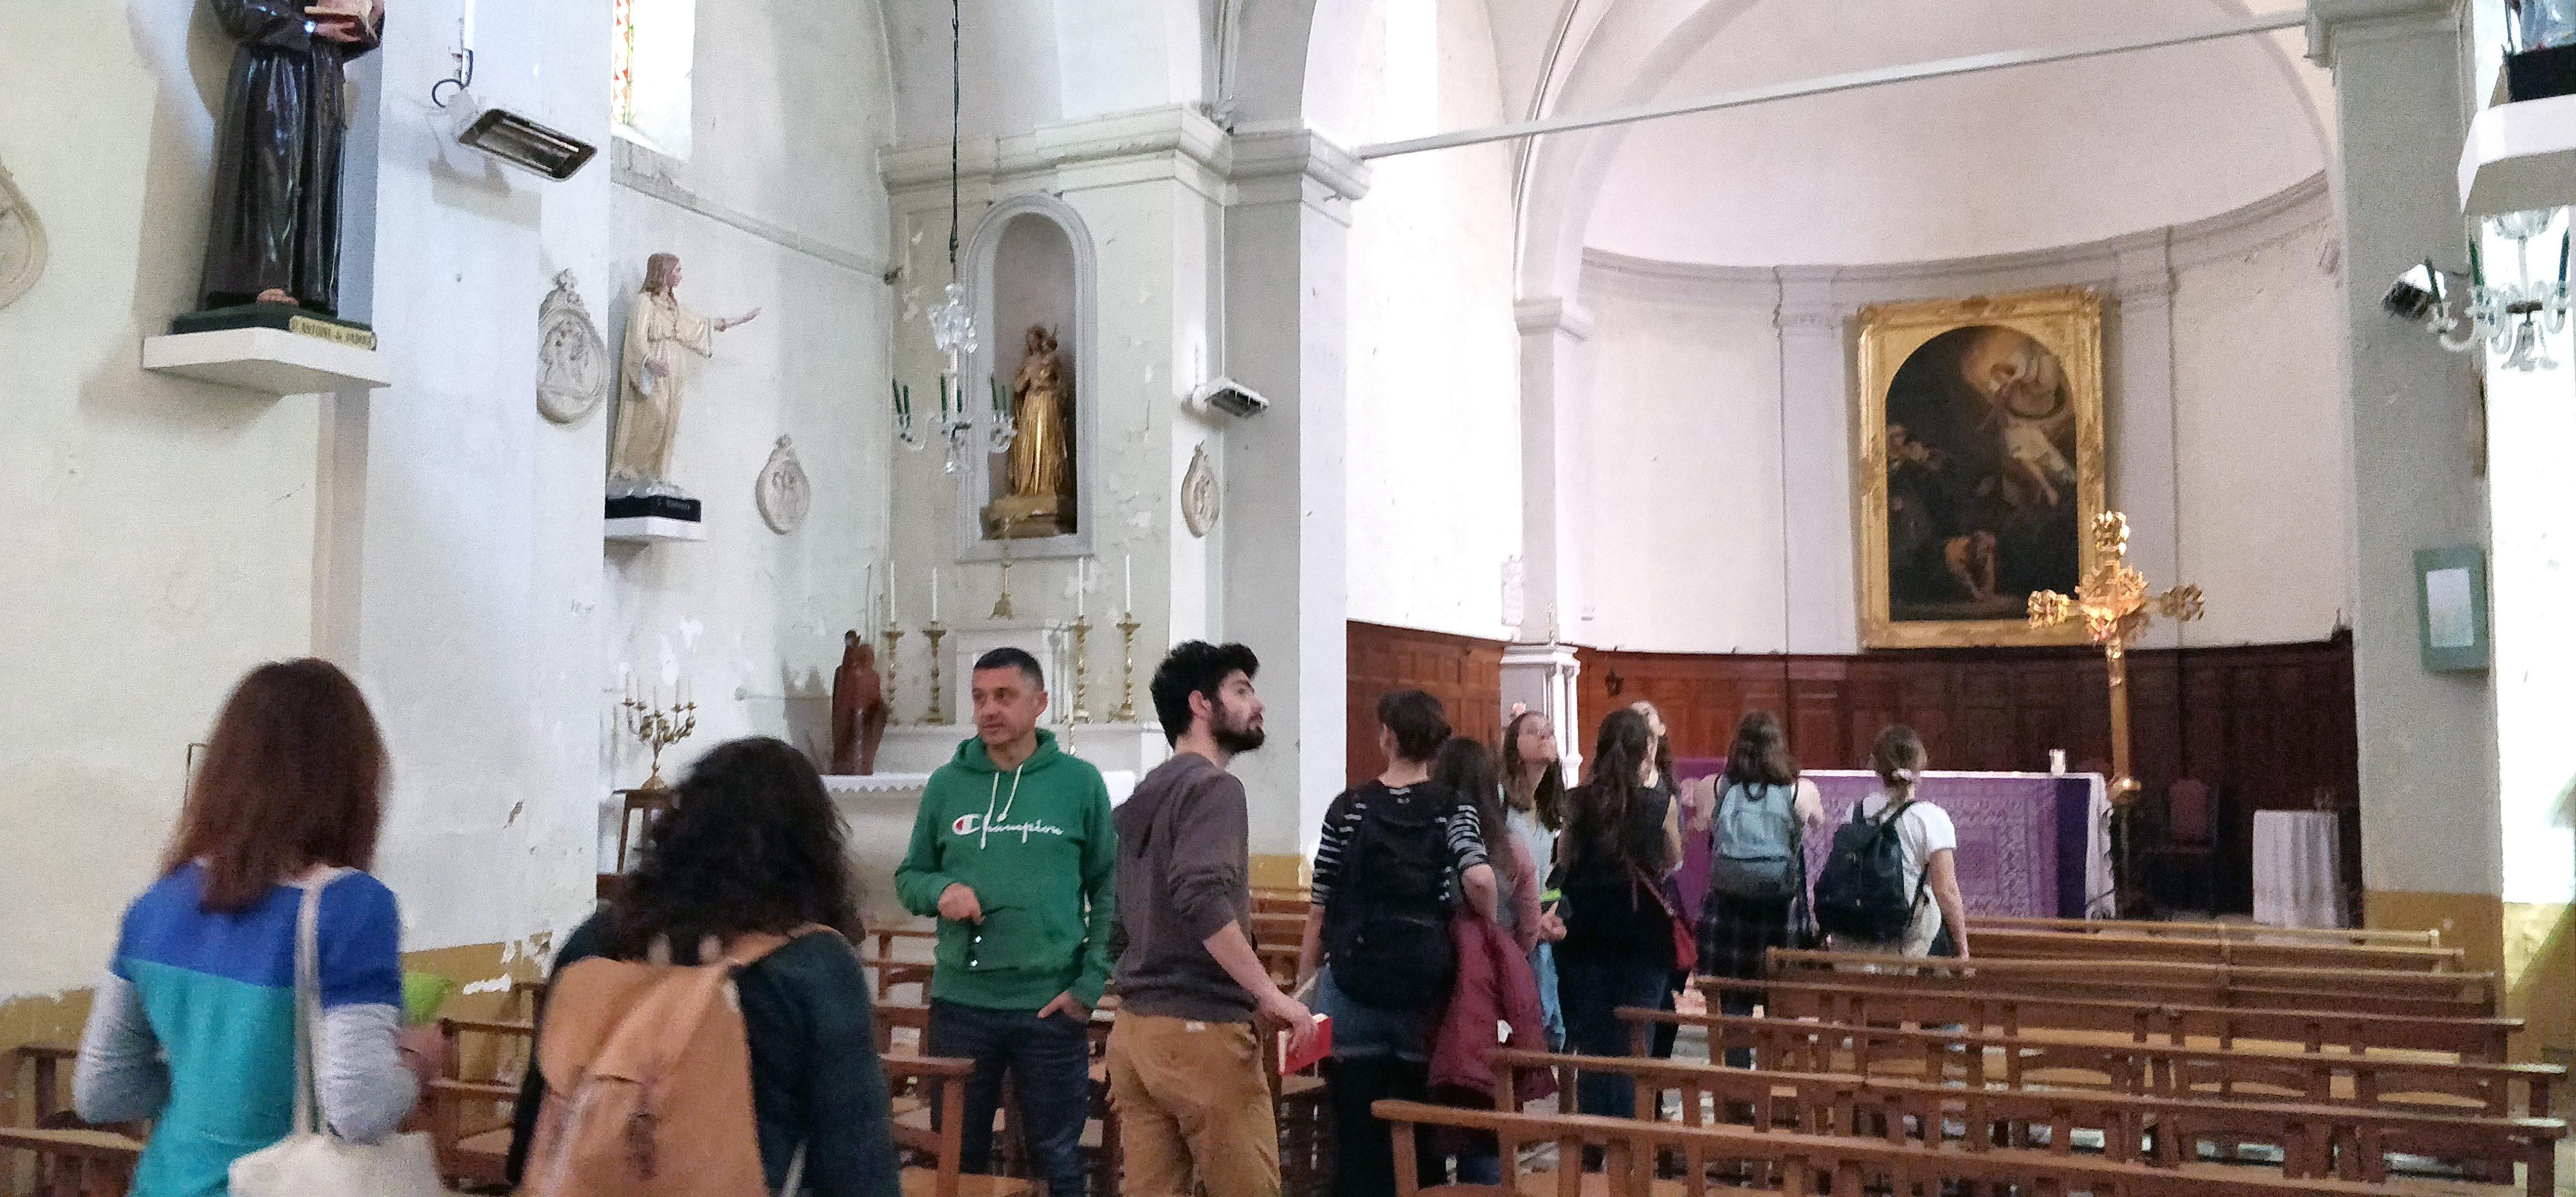 Église Saint-Raphaël de Saint-Mathieu. Photo : Christophe Colrat